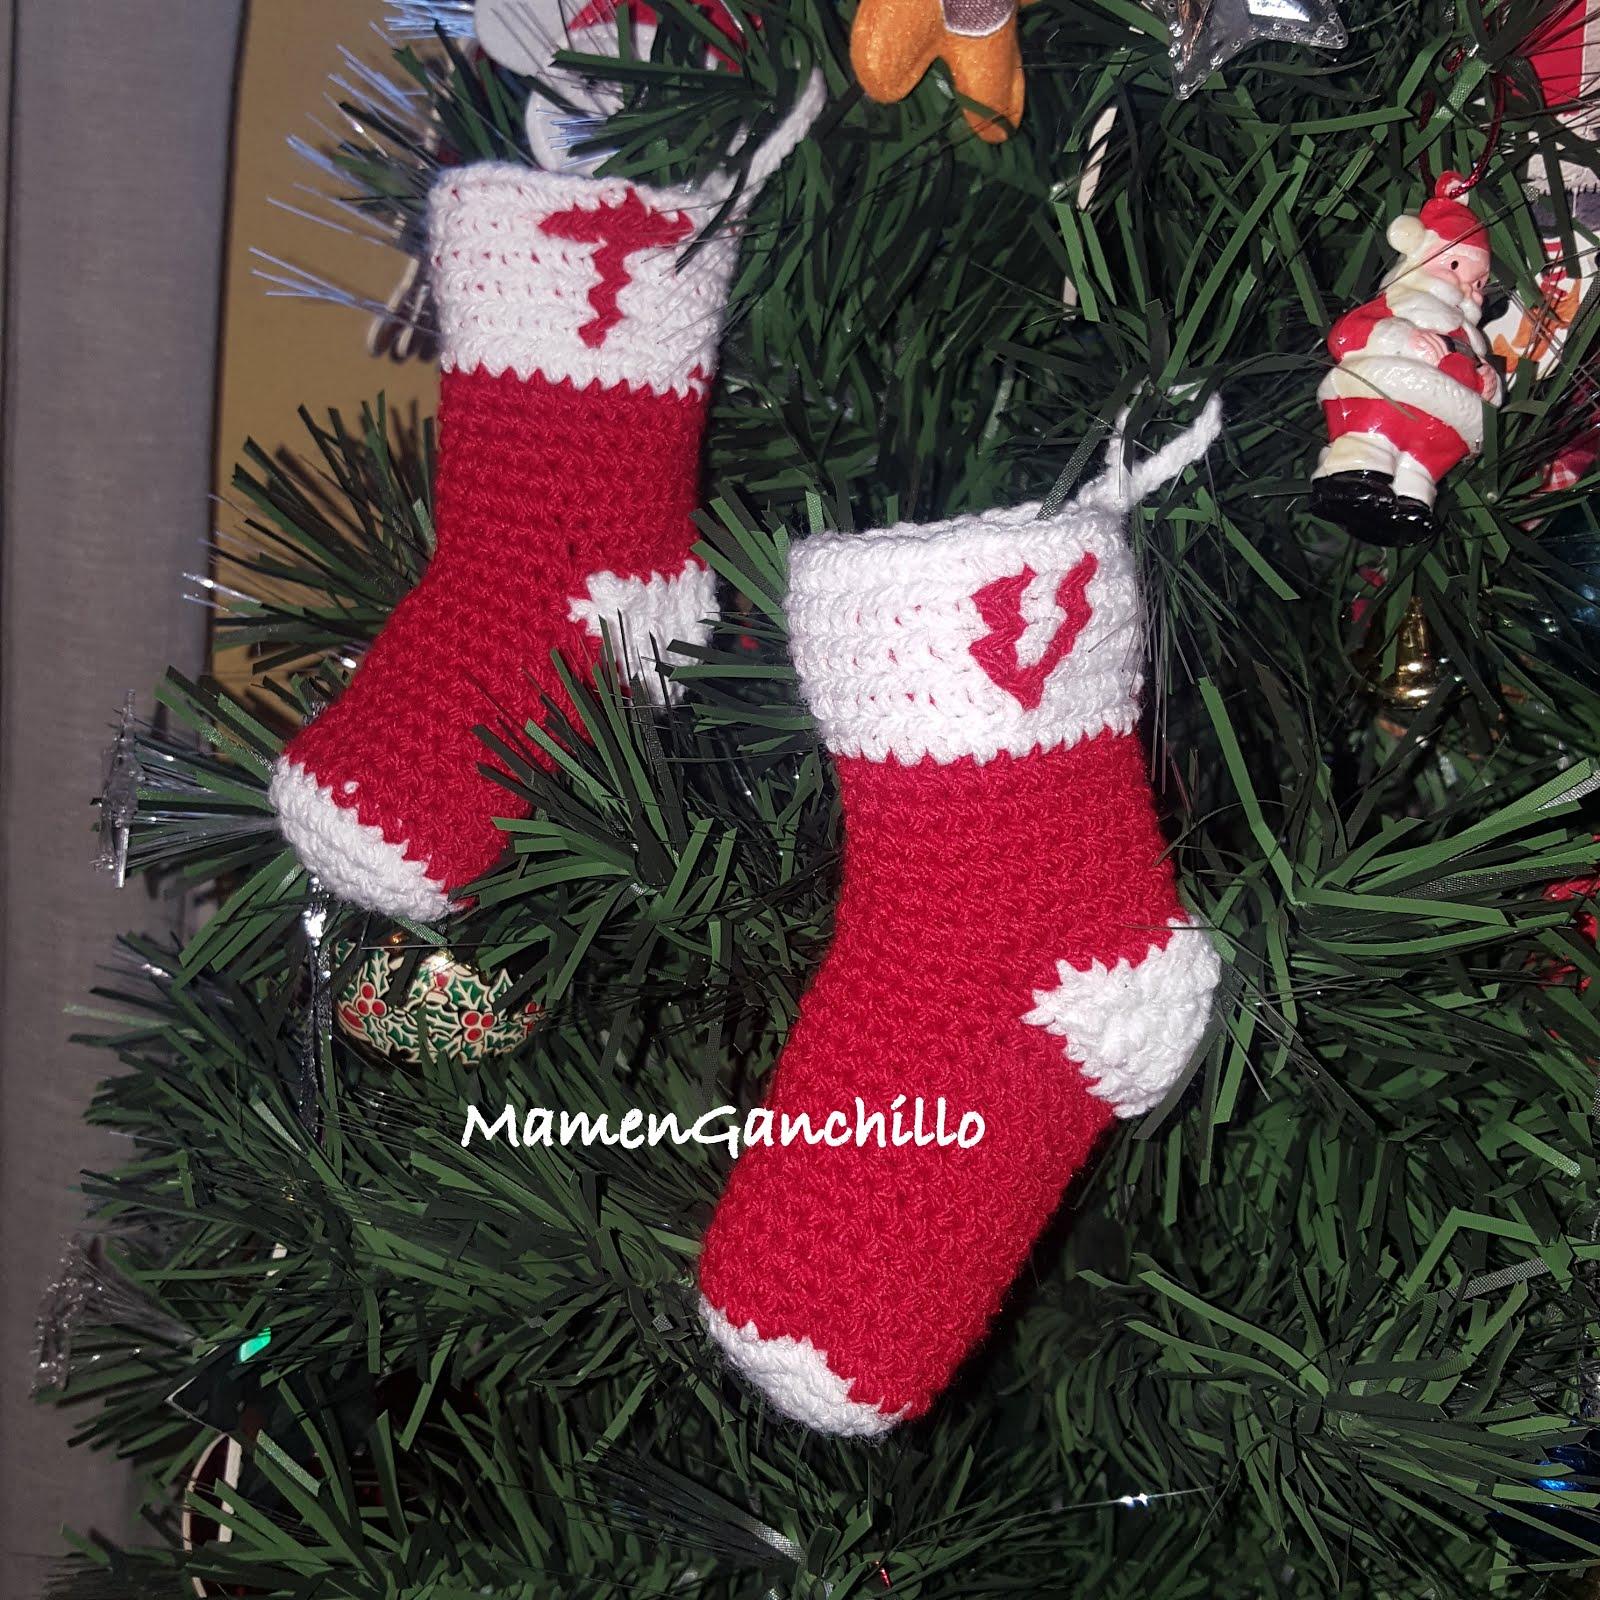 Mamen ganchillo 038 calcetines de navidad - Calcetines de navidad personalizados ...